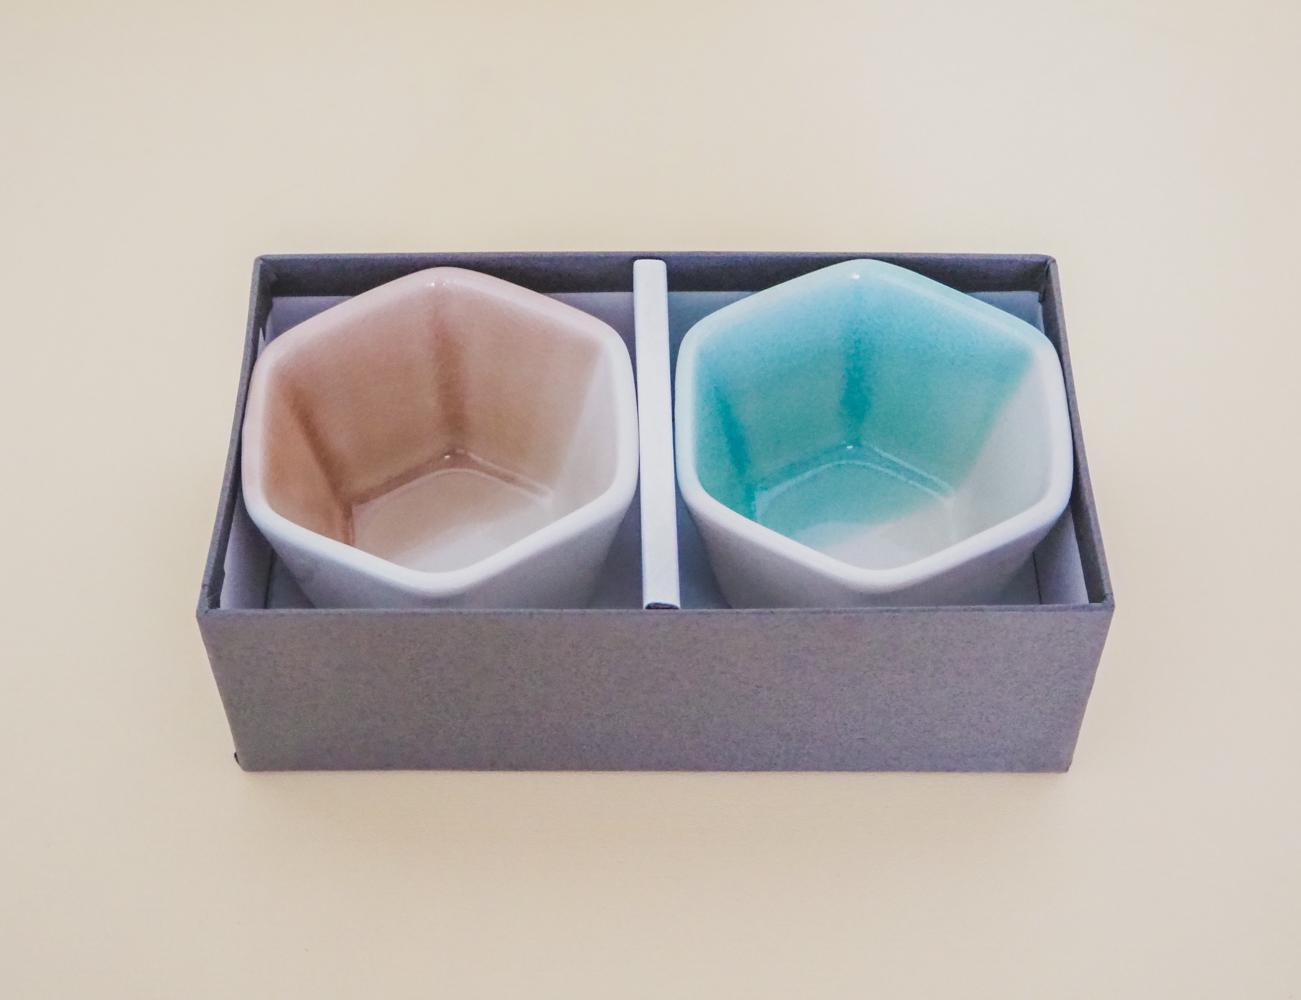 m.m.d. / 小鉢2個セット 熨斗・ギフトボックス付き / 5分掛け青磁 + 5分掛けローズ / 青磁と夏の贈り物 / 瀬戸焼